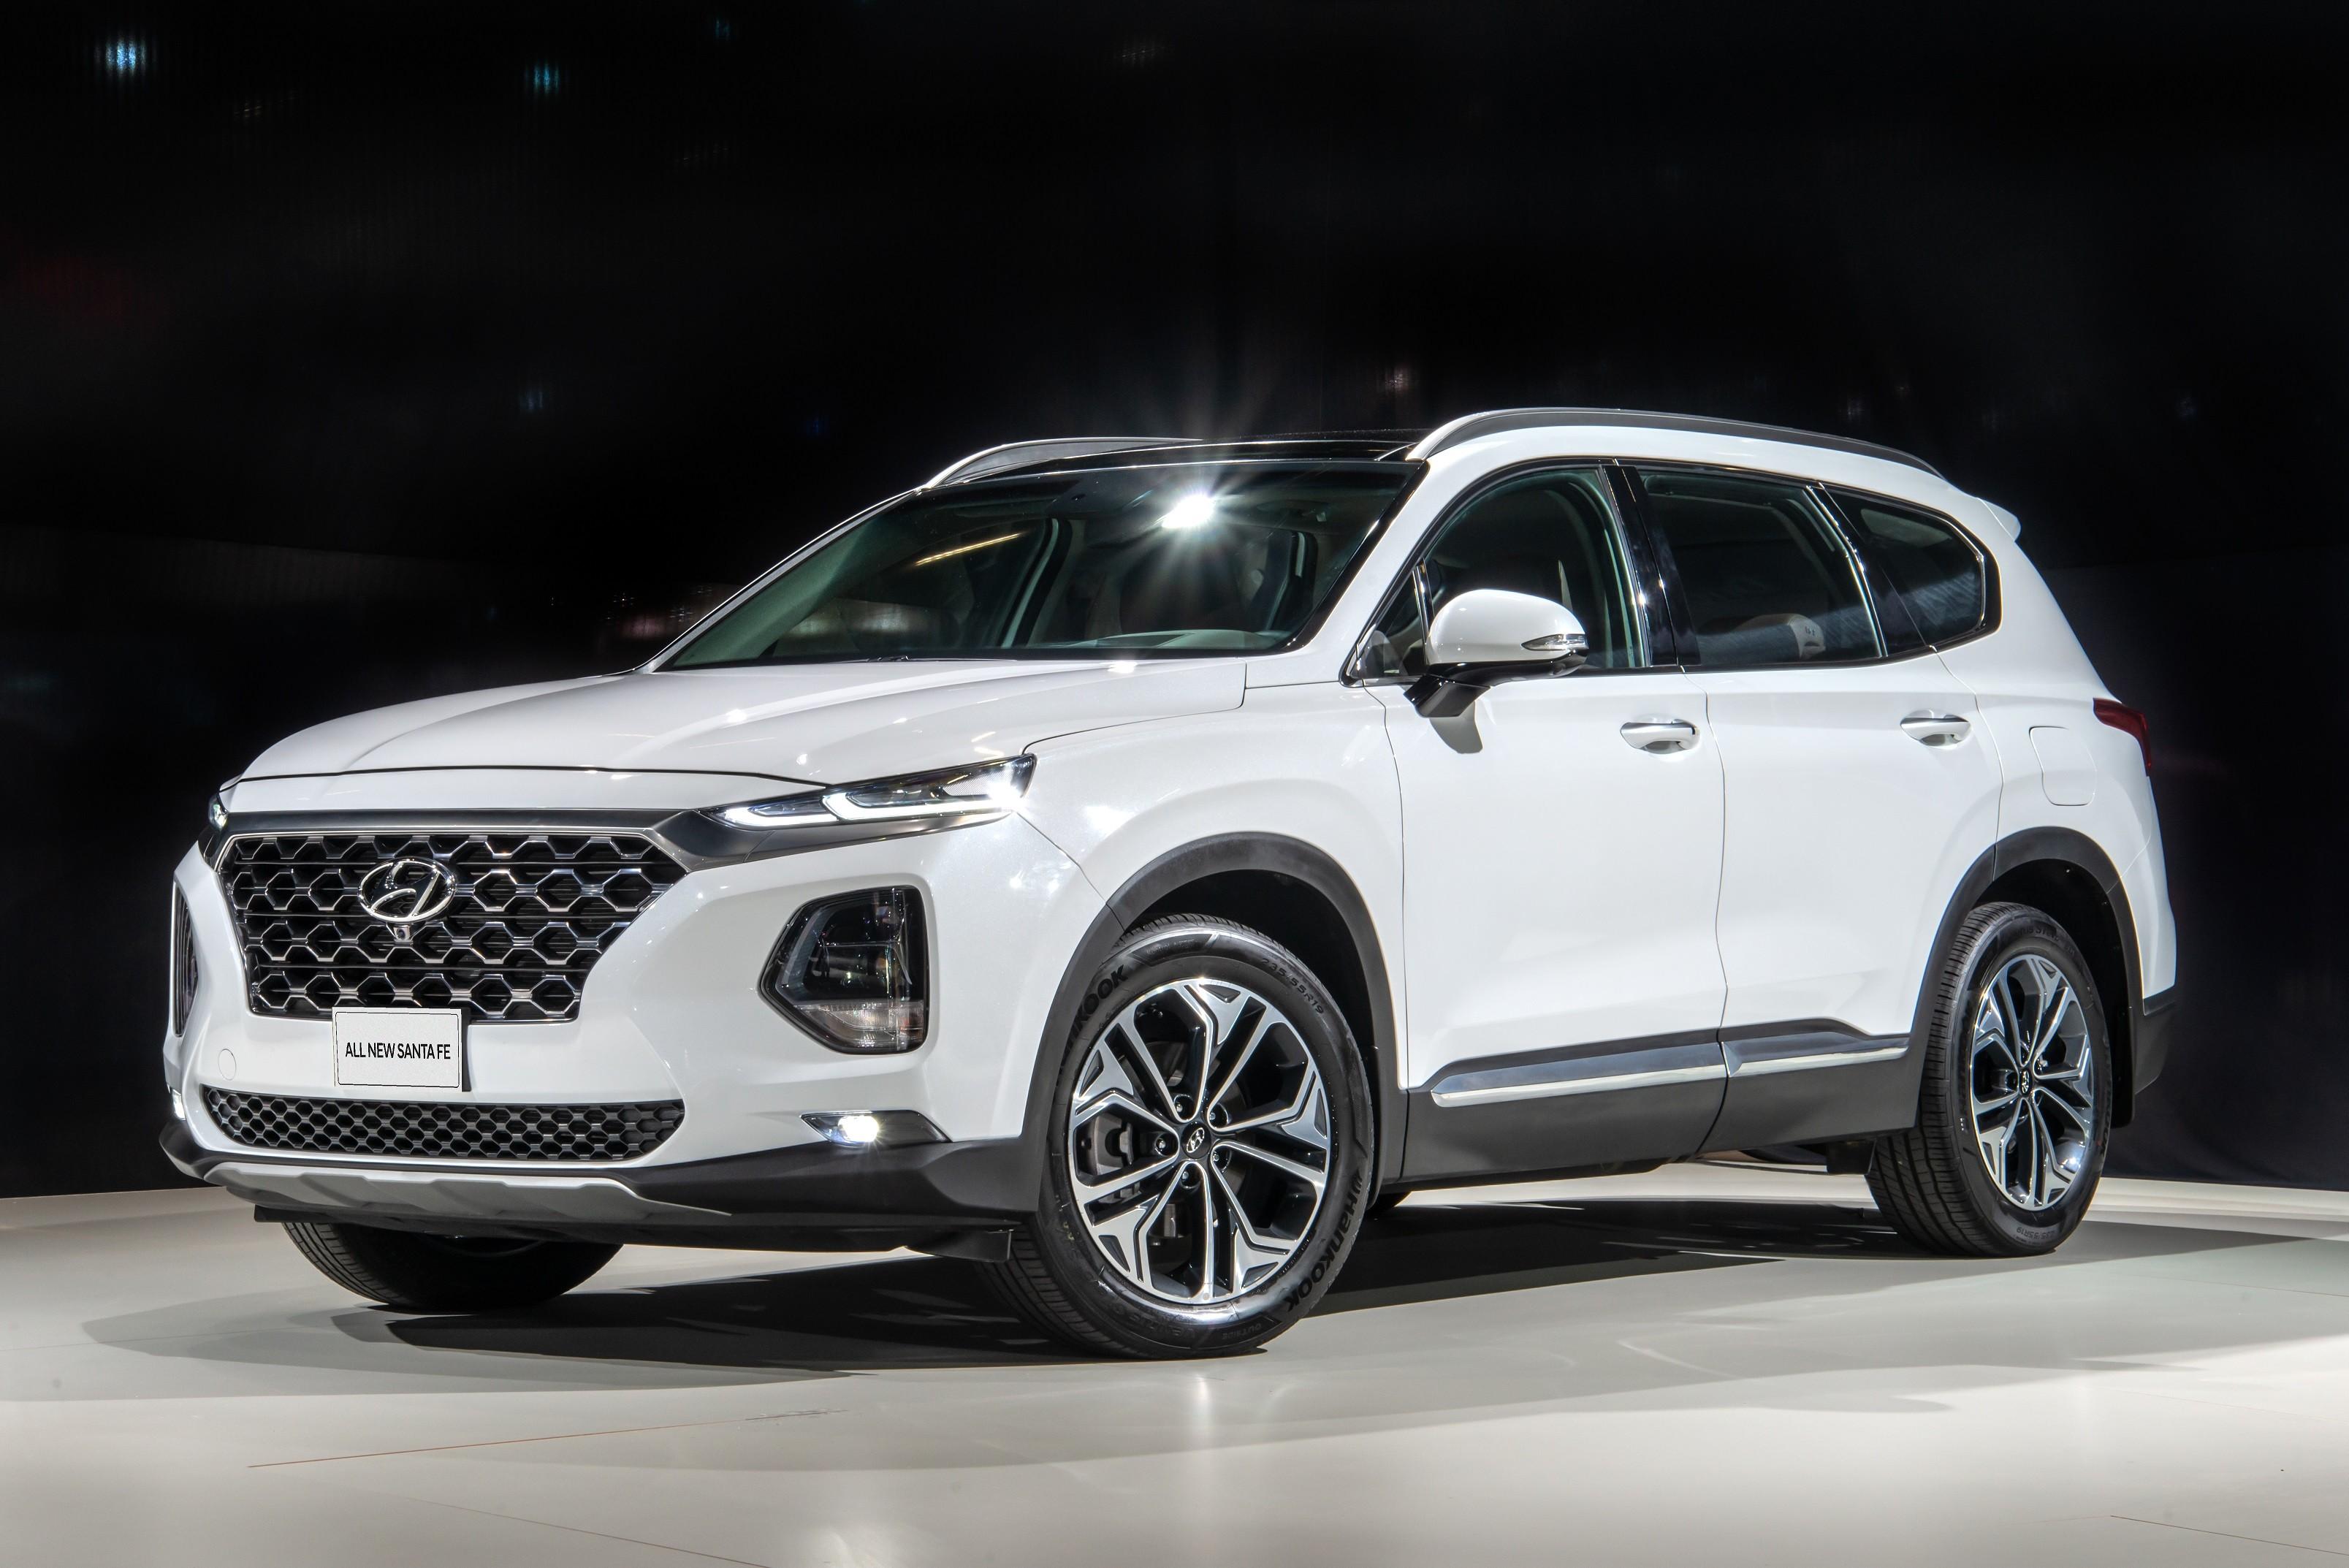 Novo Hyundai Santa Fe chega ao Brasil por R$ 297,3 mil - Notícias - Plantão Diário